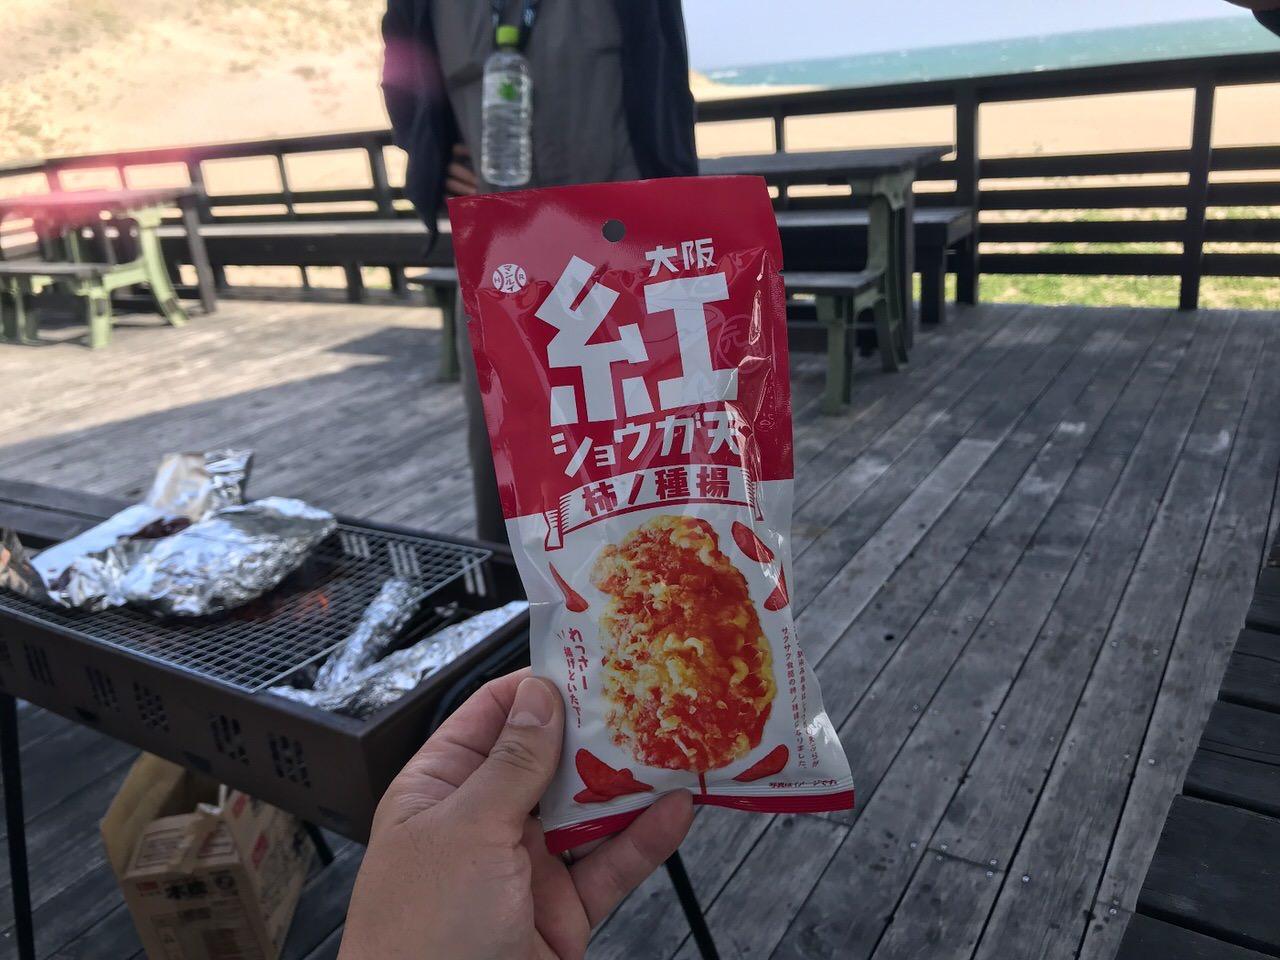 これは美味「大阪 紅しょうが天 柿ノ種揚」紅ショウガが柿の種になっているのを発見